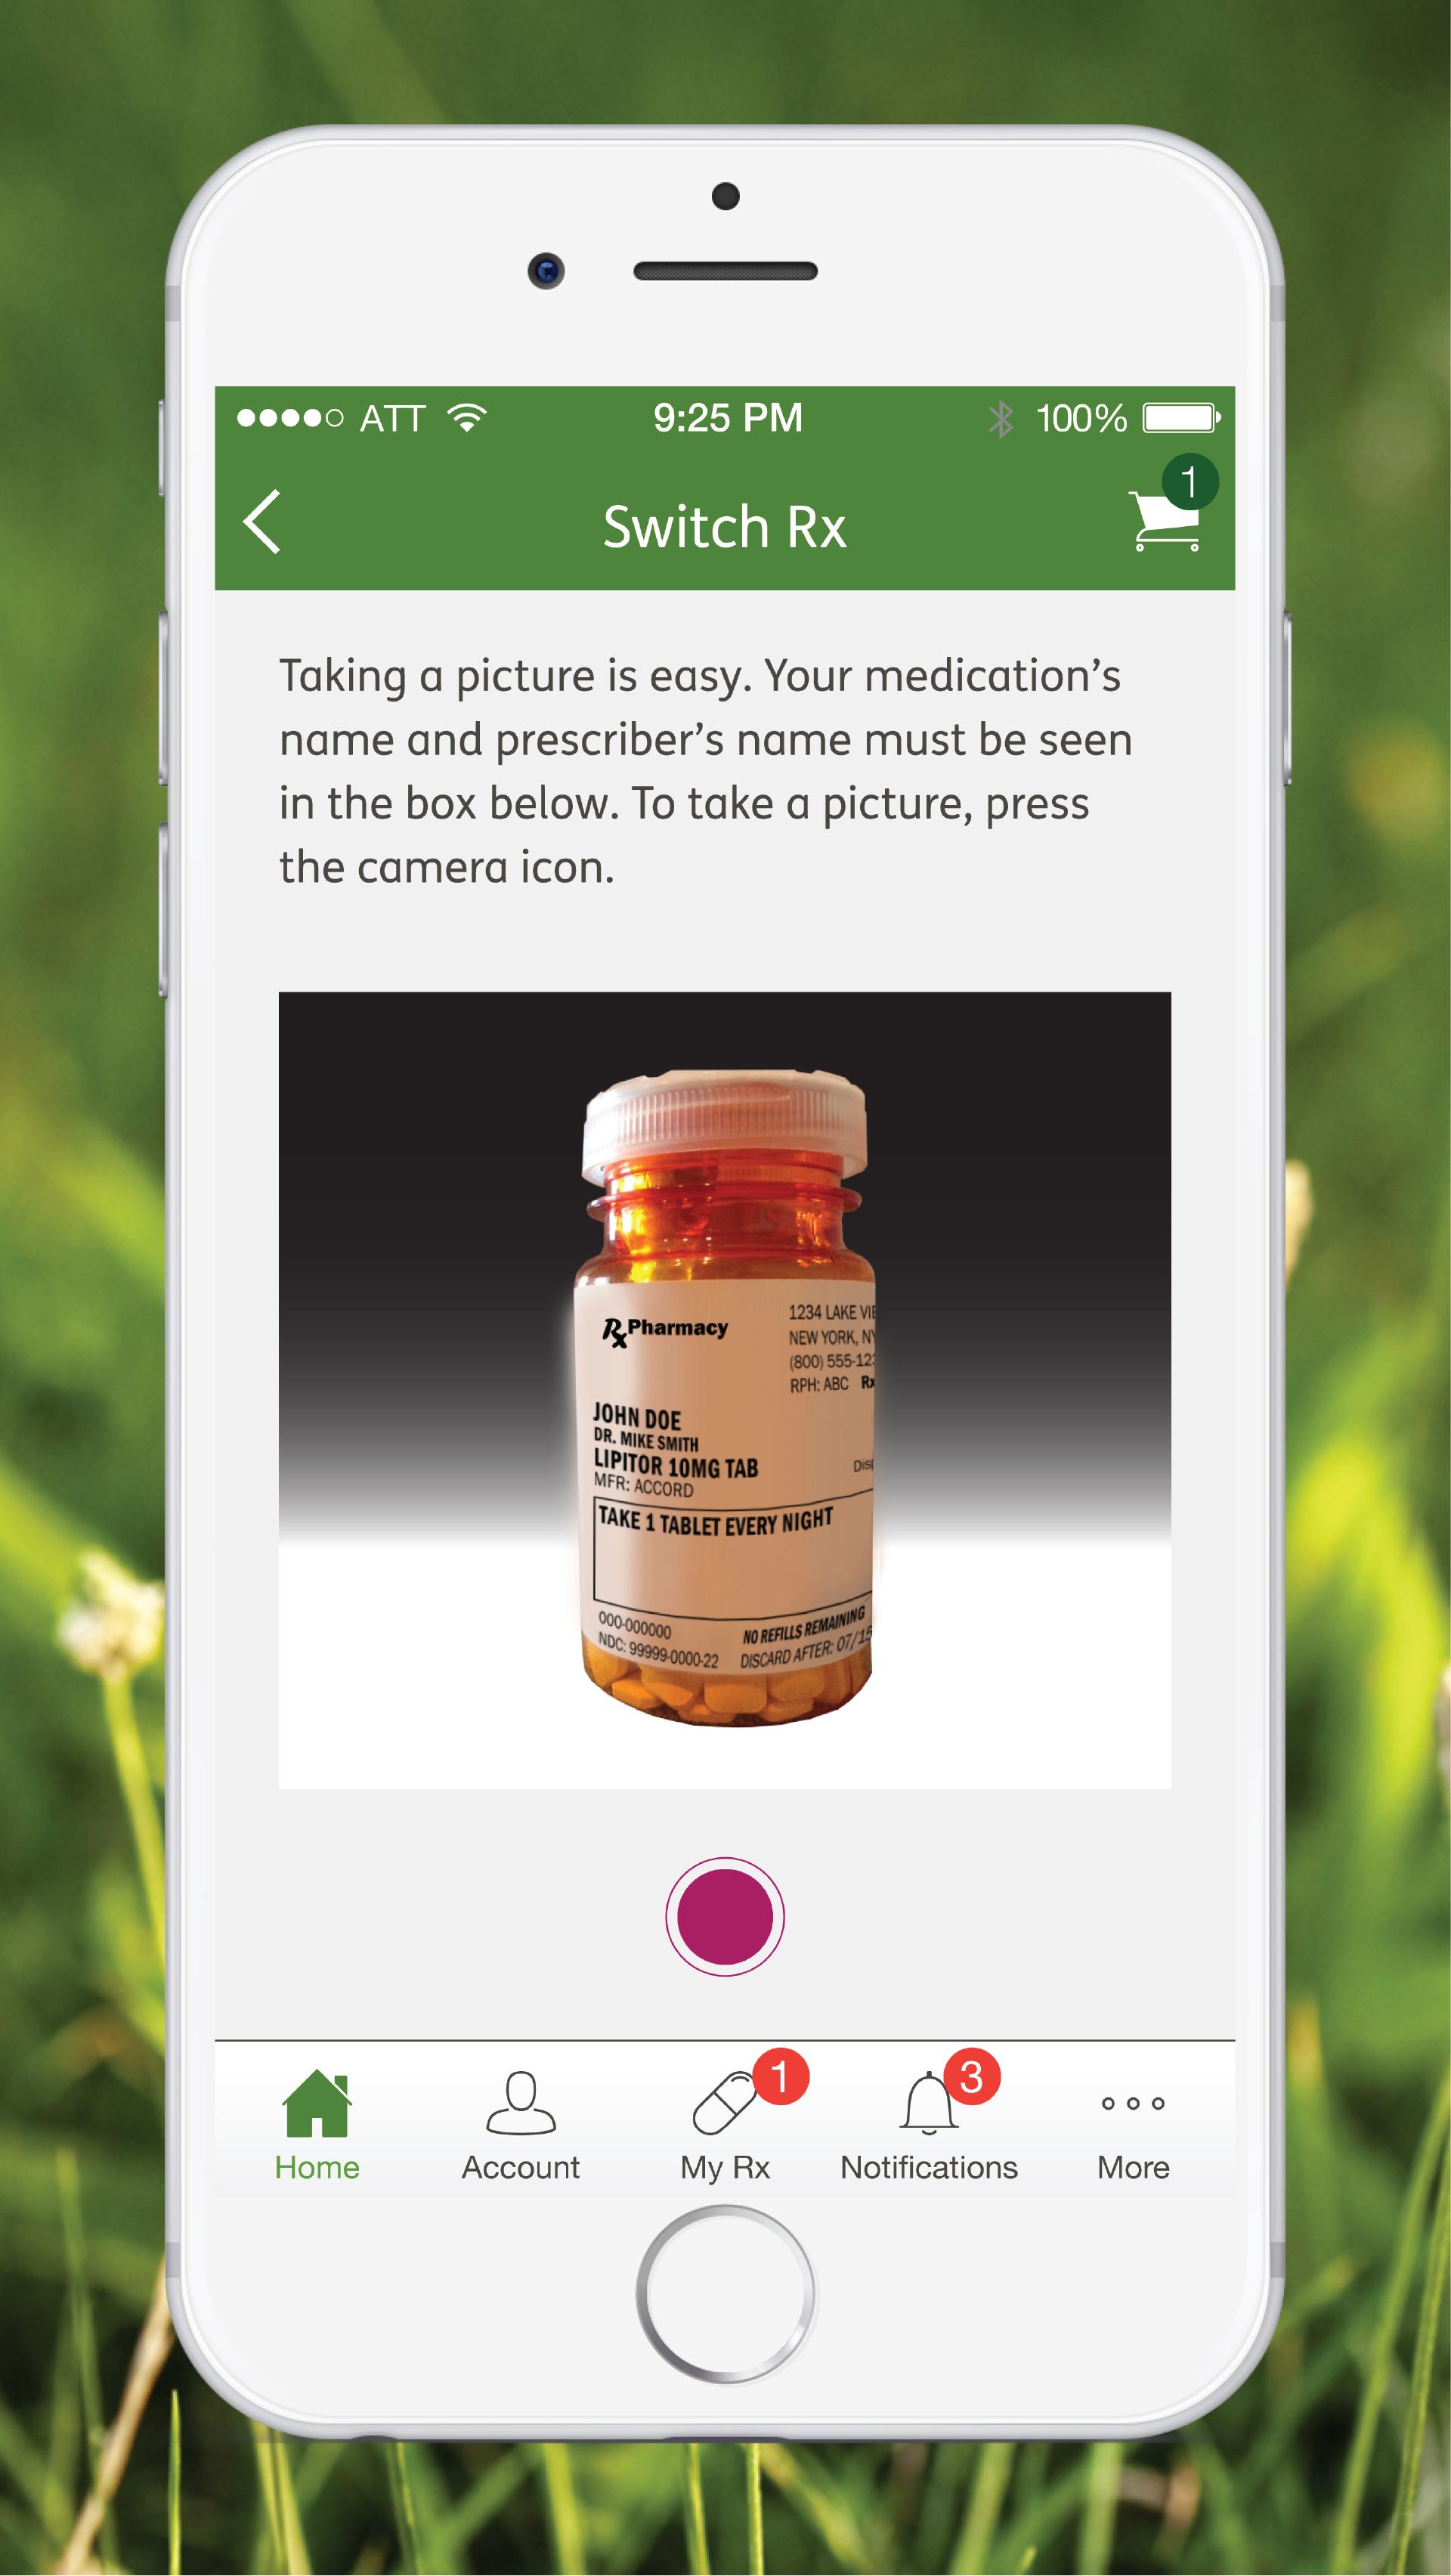 Humana Pharmacy Switch Rx